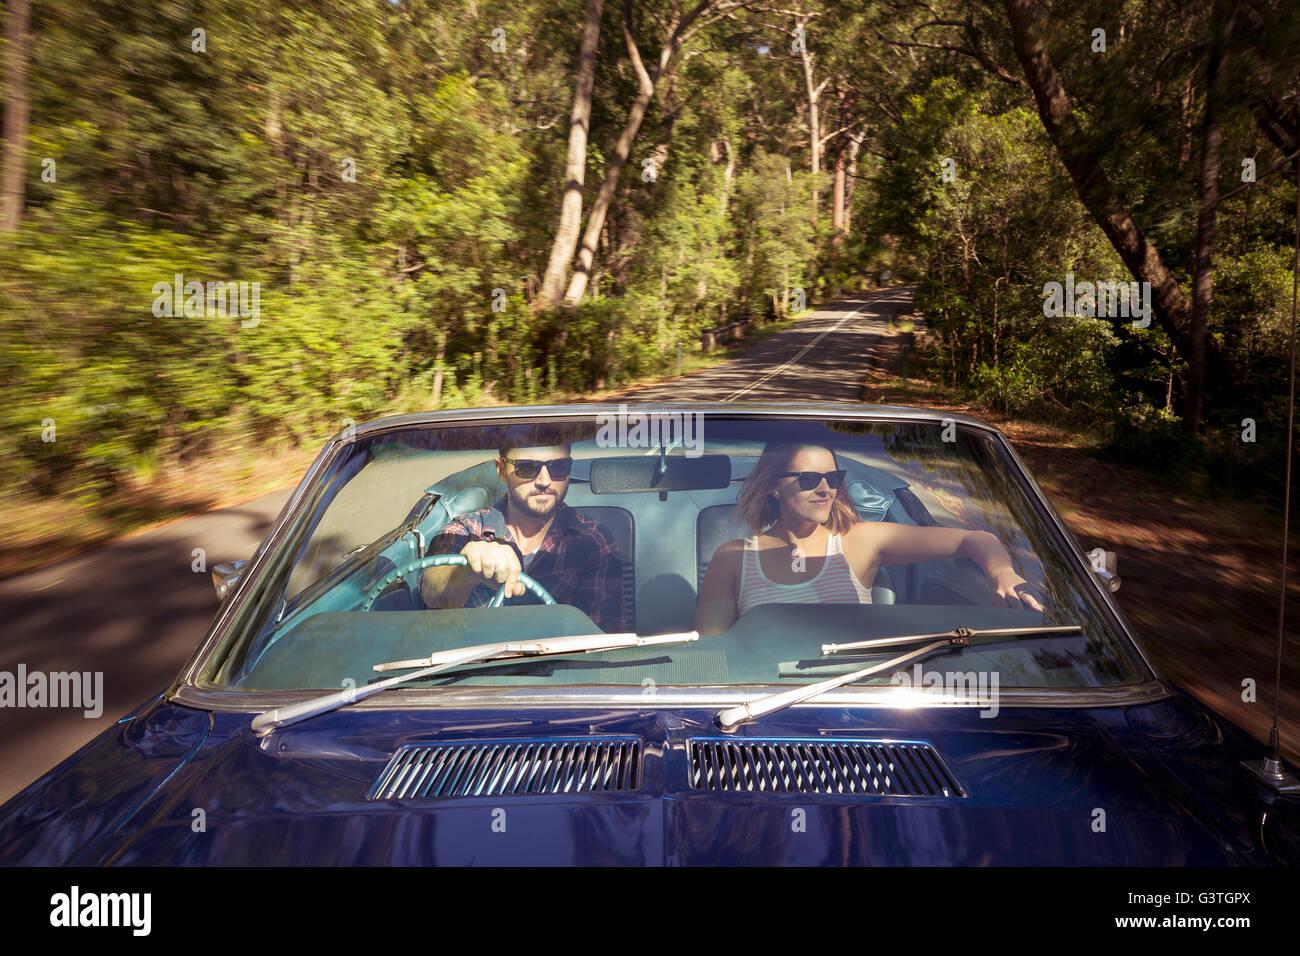 Australia, New South Wales, Sydney, Lane Cove, par la conducción de automóviles a través del bosque Imagen De Stock